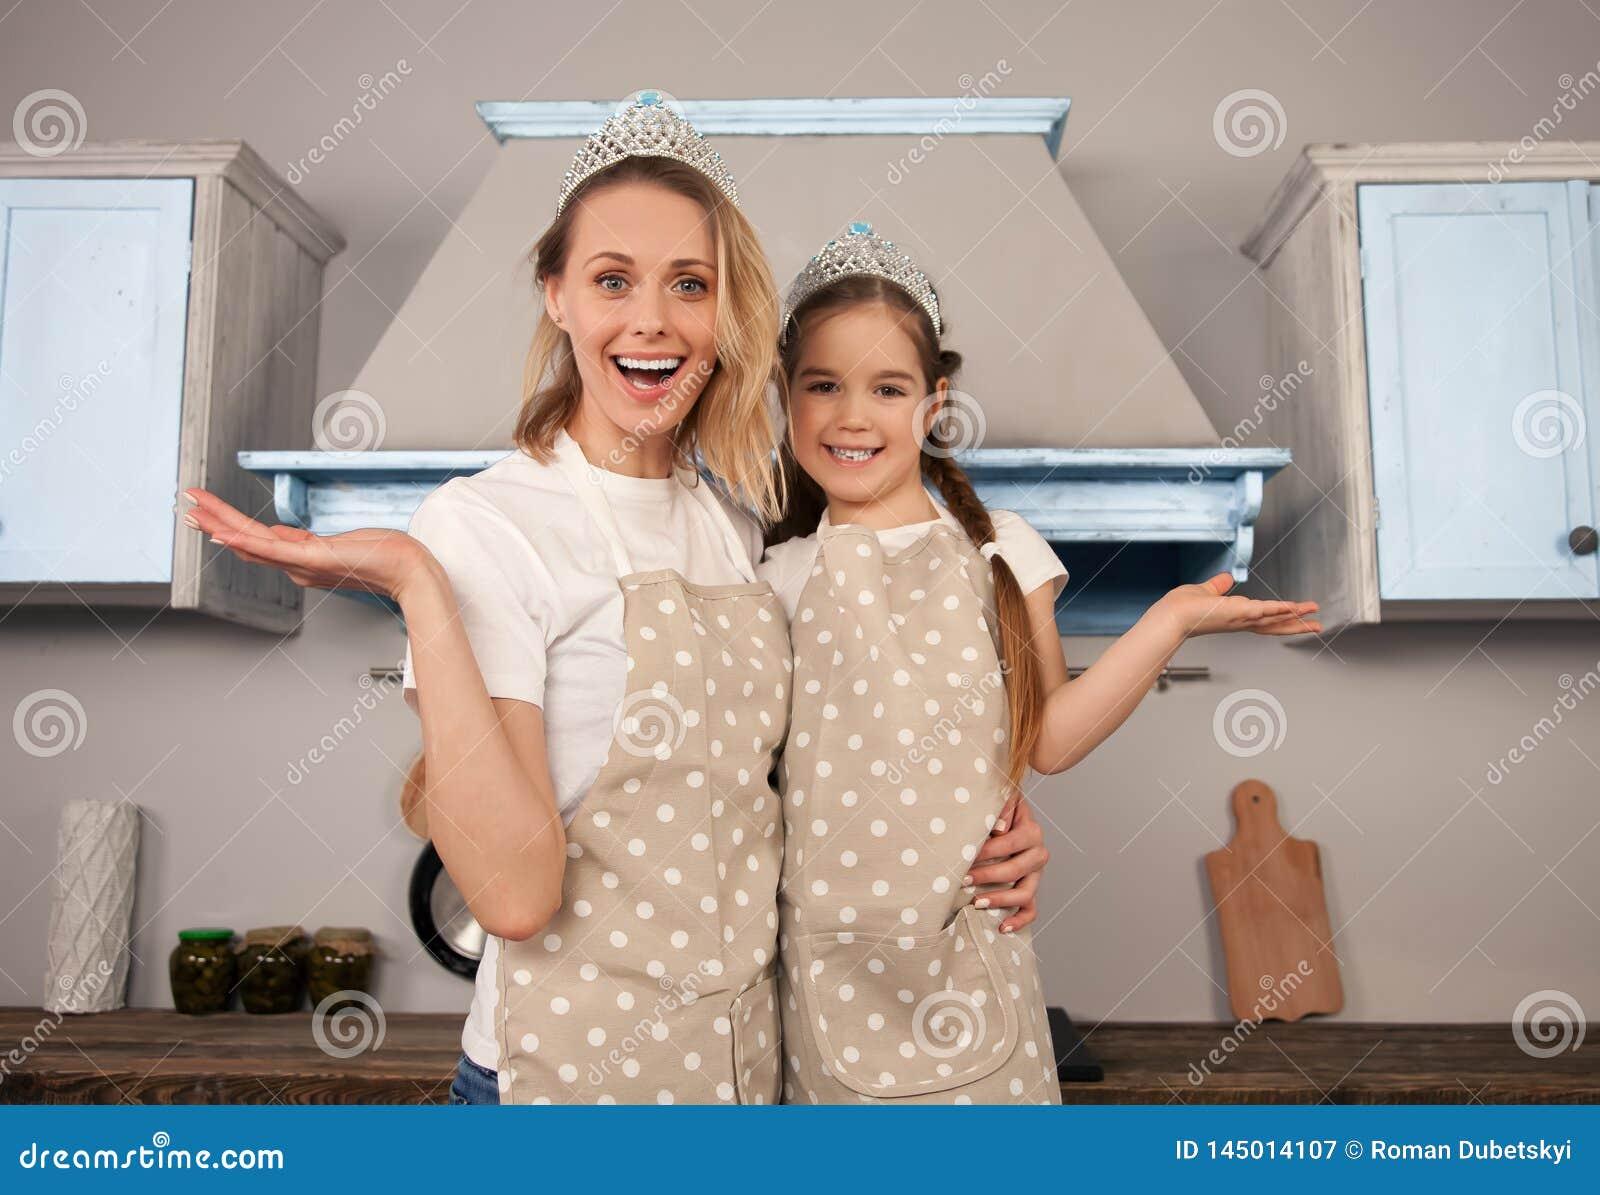 E 母亲和儿童女儿女孩有乐趣佩带的冠